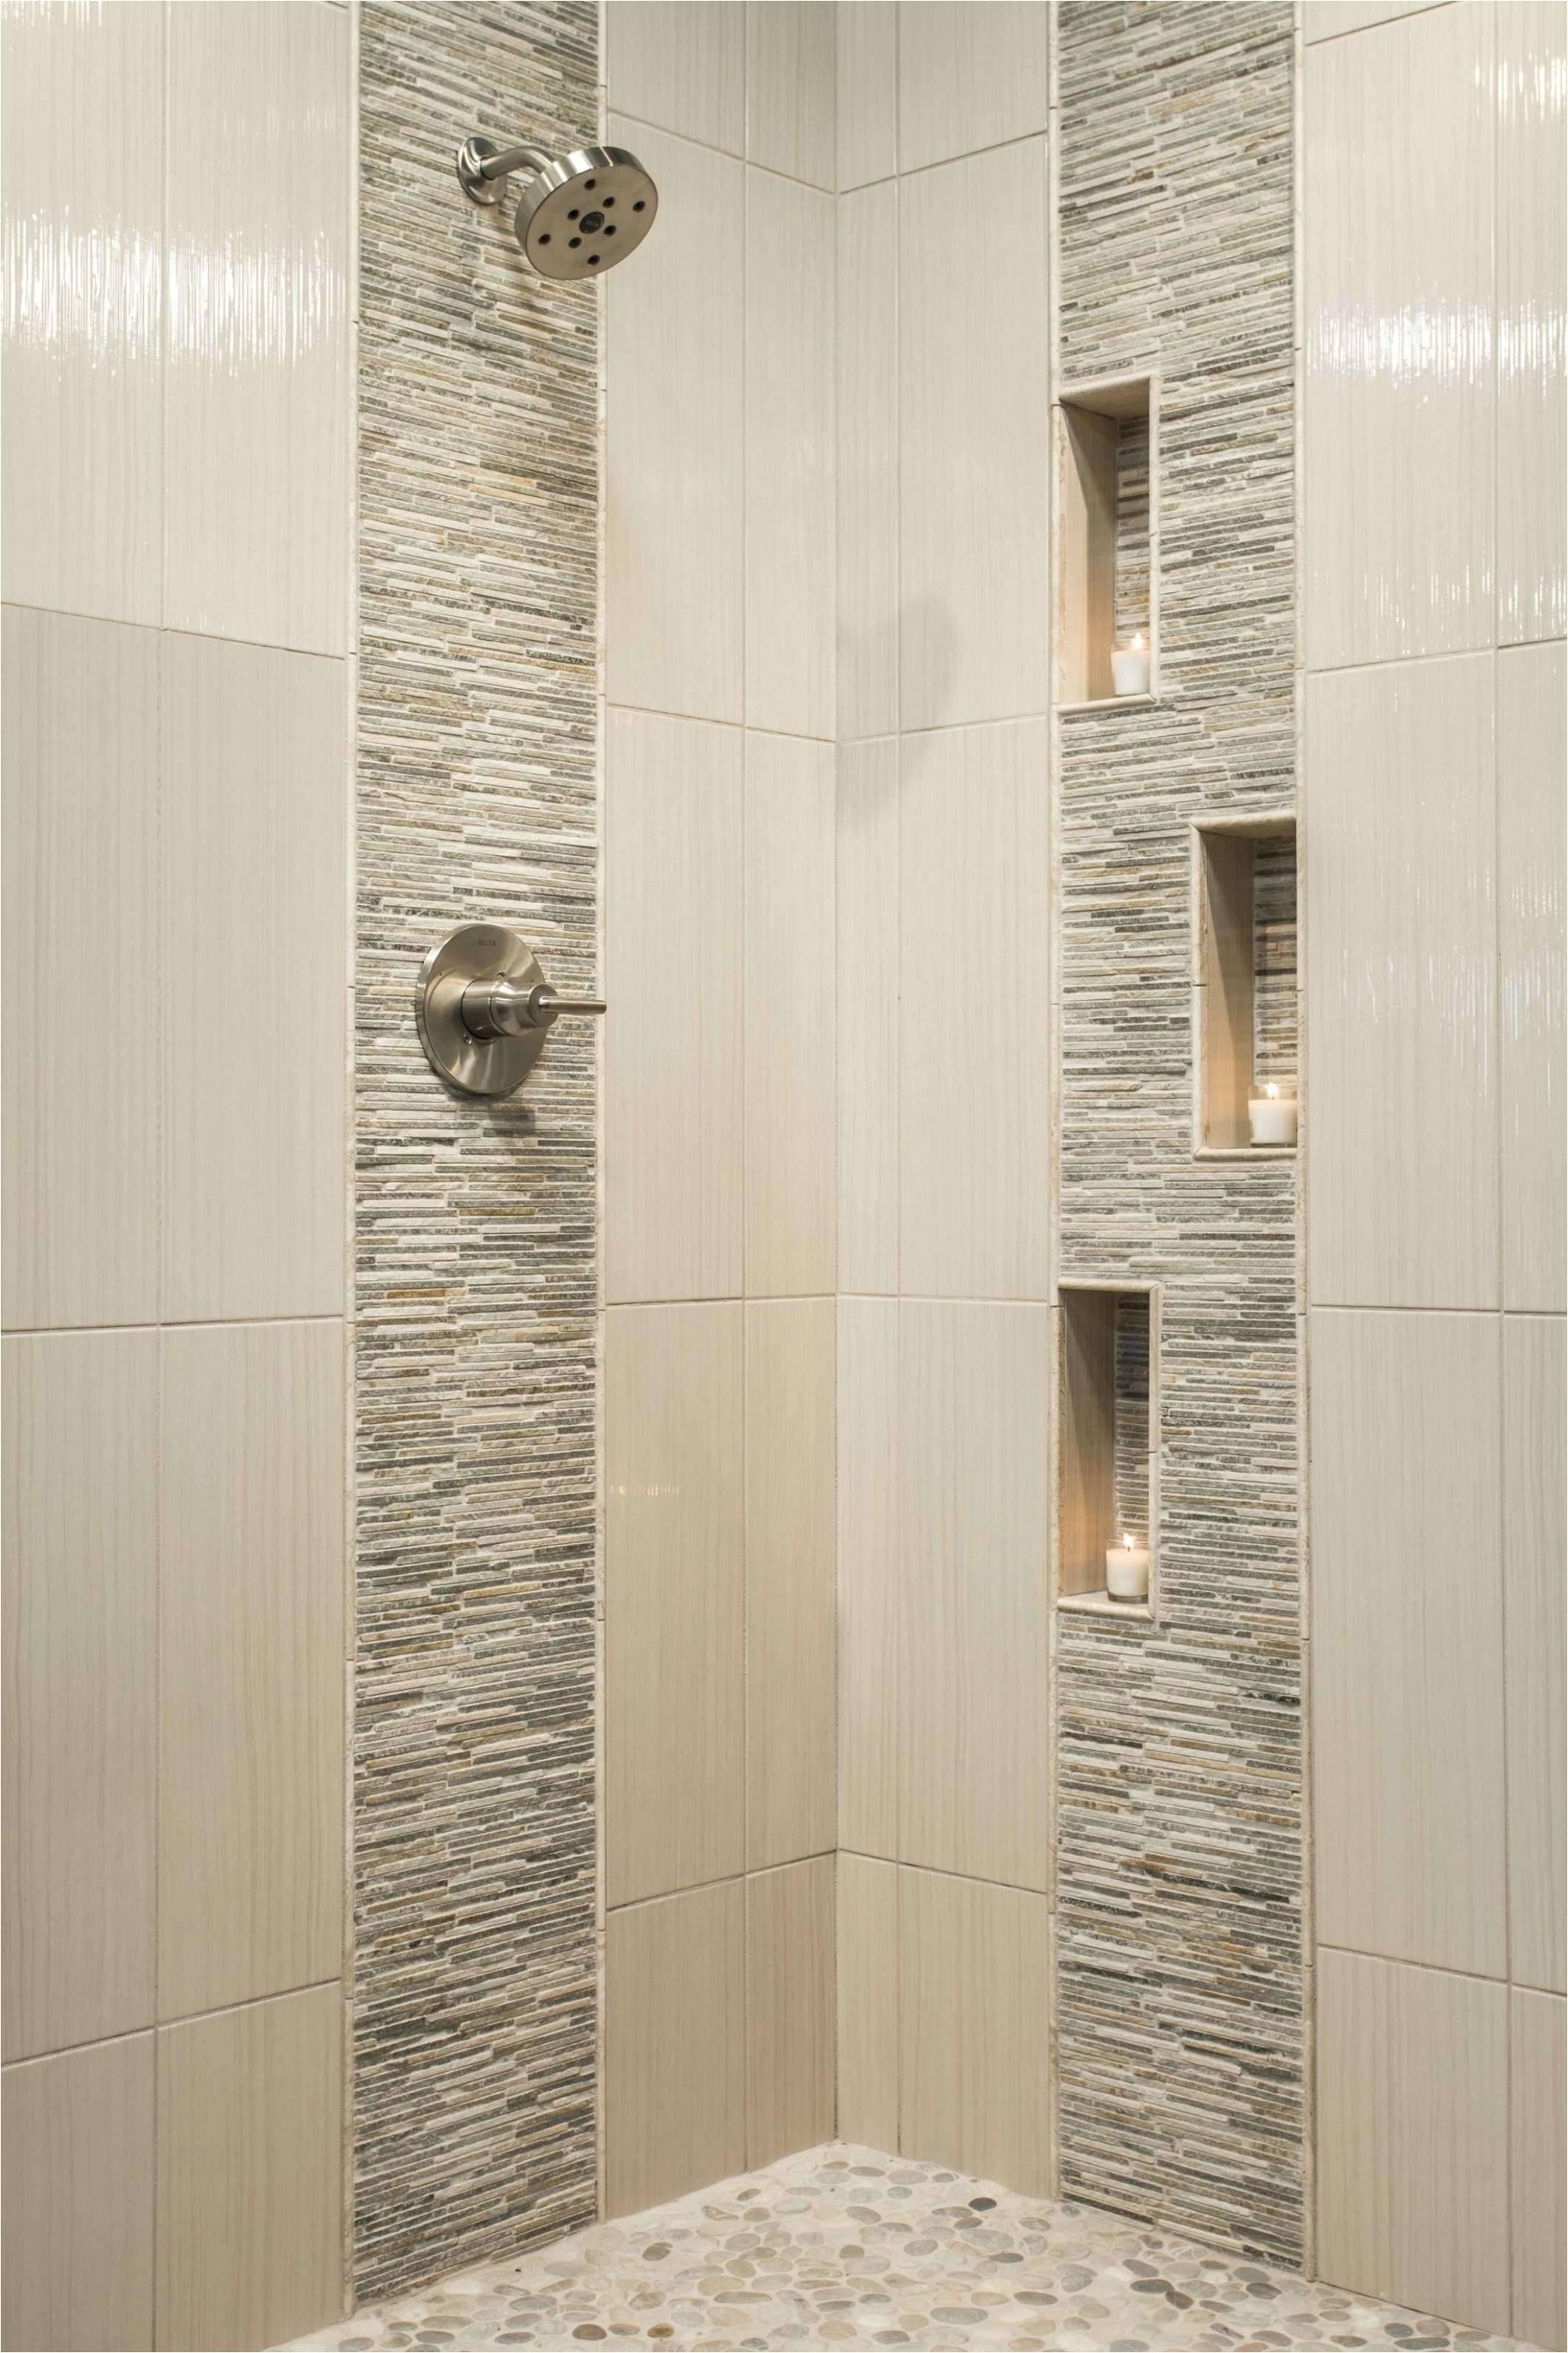 ideas for bathroom floor tile design bathroom floor tiles design valid floor tiles mosaic bathroom 0d new of ideas for bathroom floor tile design